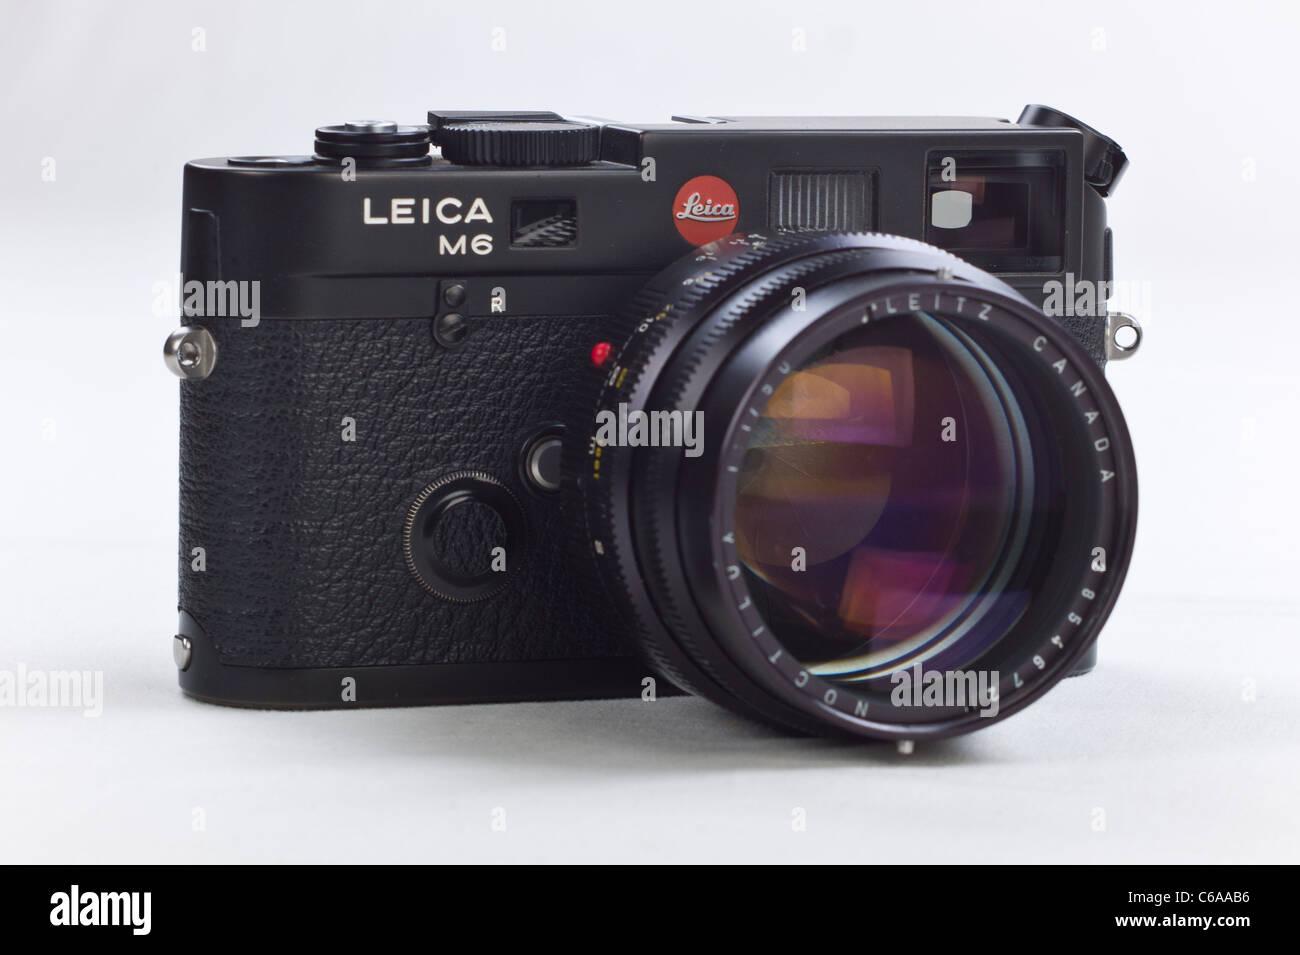 Leica leitz deutsch gemacht m6 entfernungsmesser rf klassische